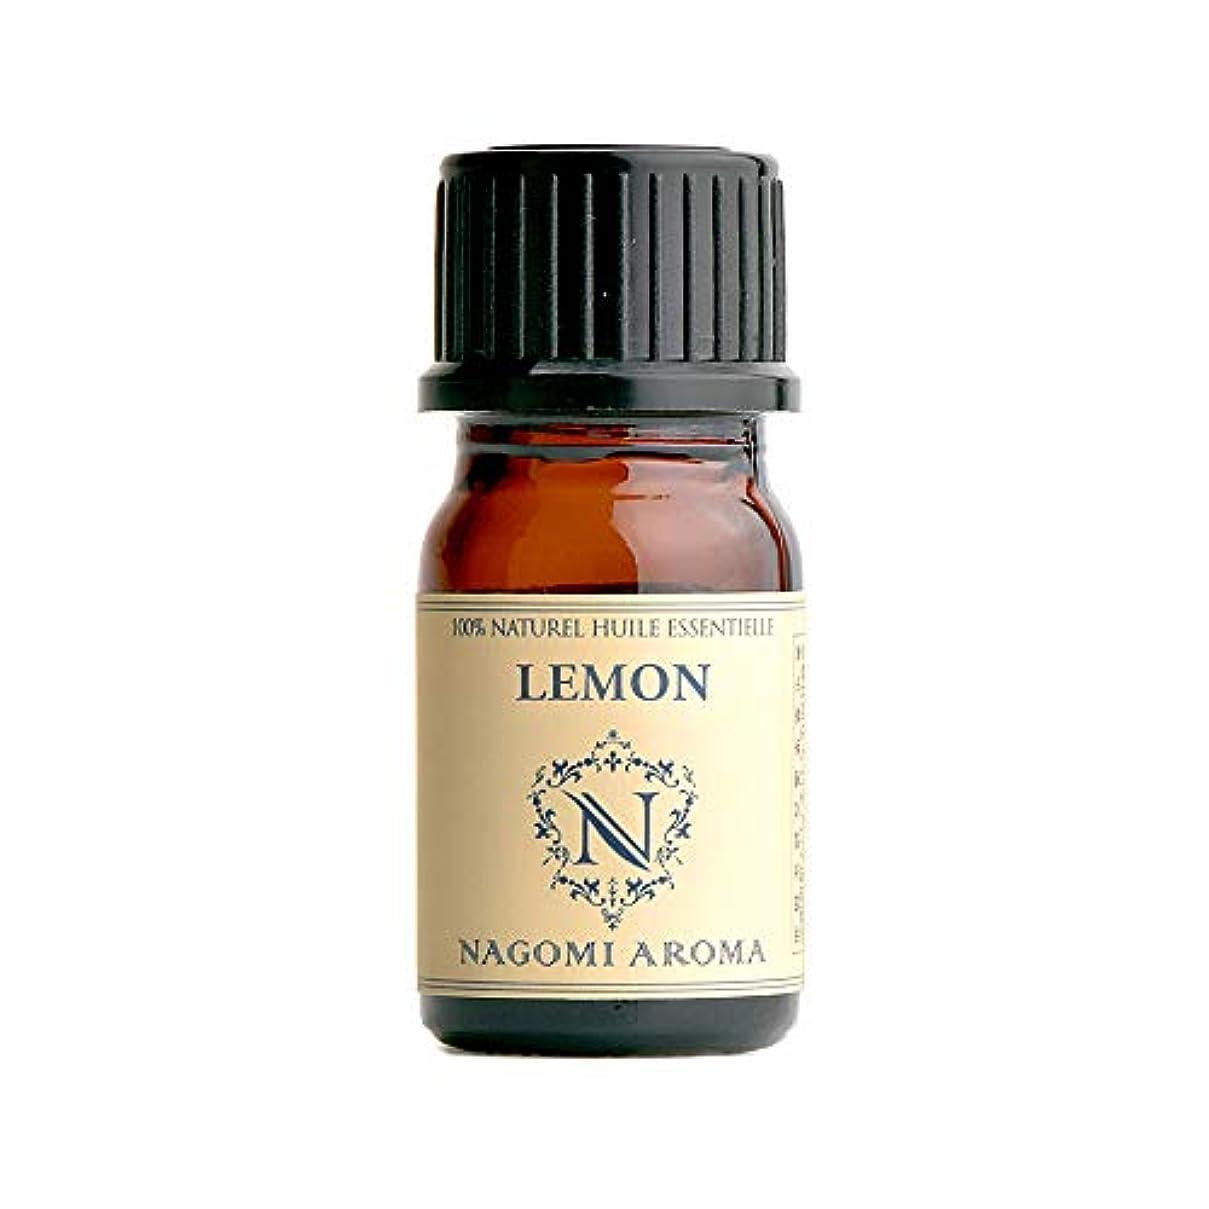 分析強制的グレートバリアリーフ【AEAJ認定表示基準認定精油】NAGOMI PURE レモン 5ml 【エッセンシャルオイル】【精油】【アロマオイル】